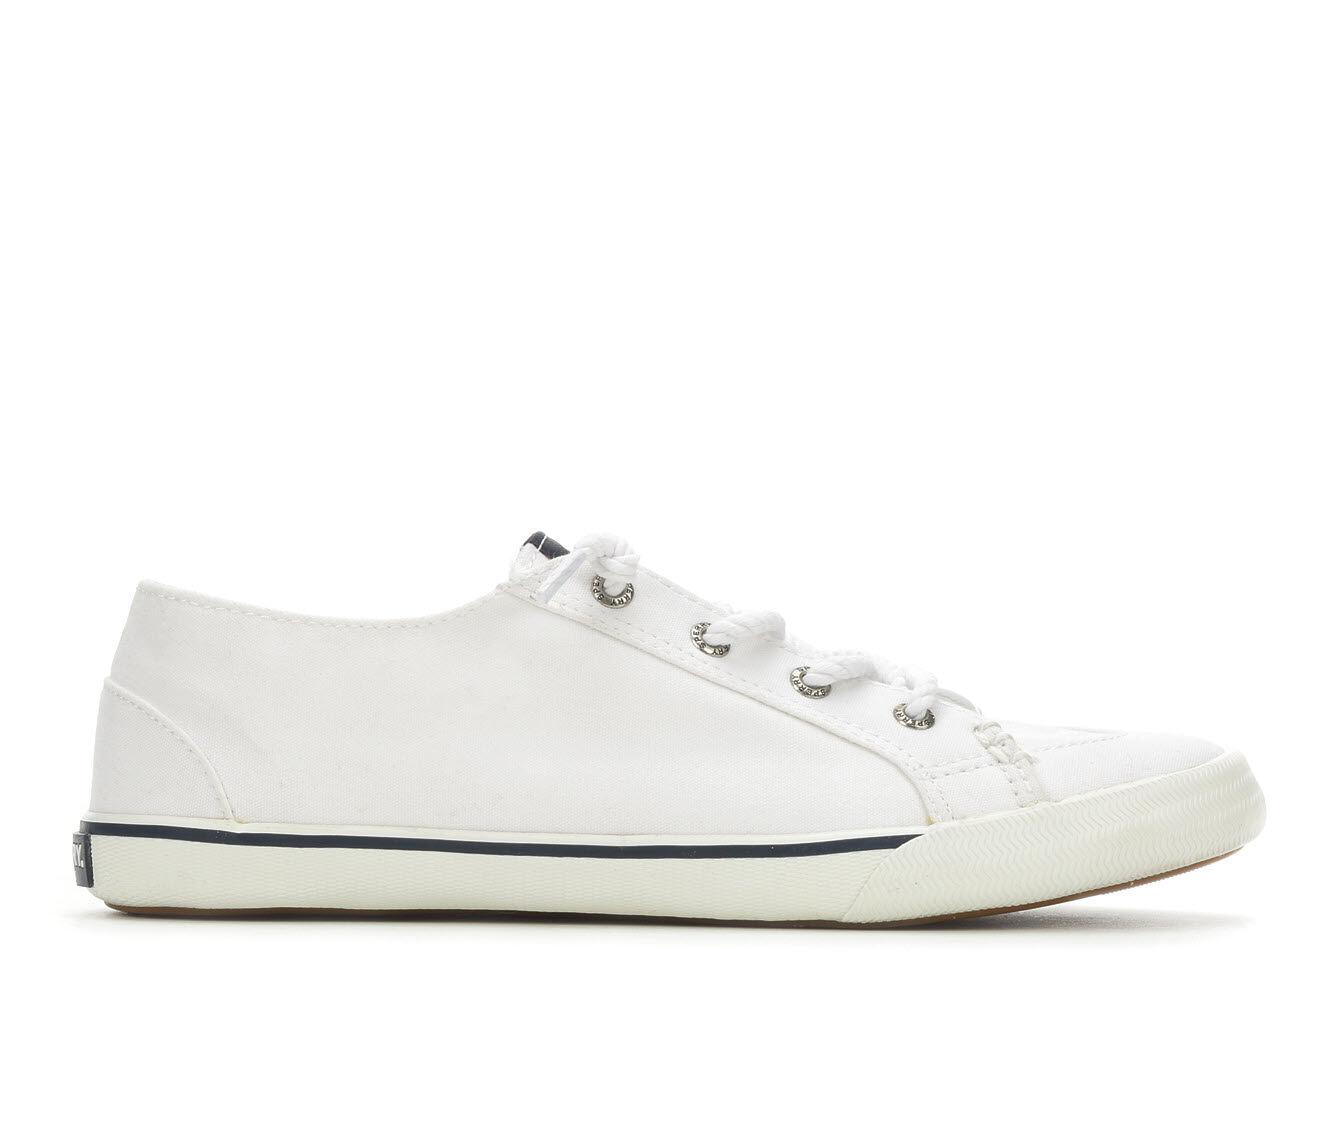 Women's Sperry Lounge LTT Sneakers White